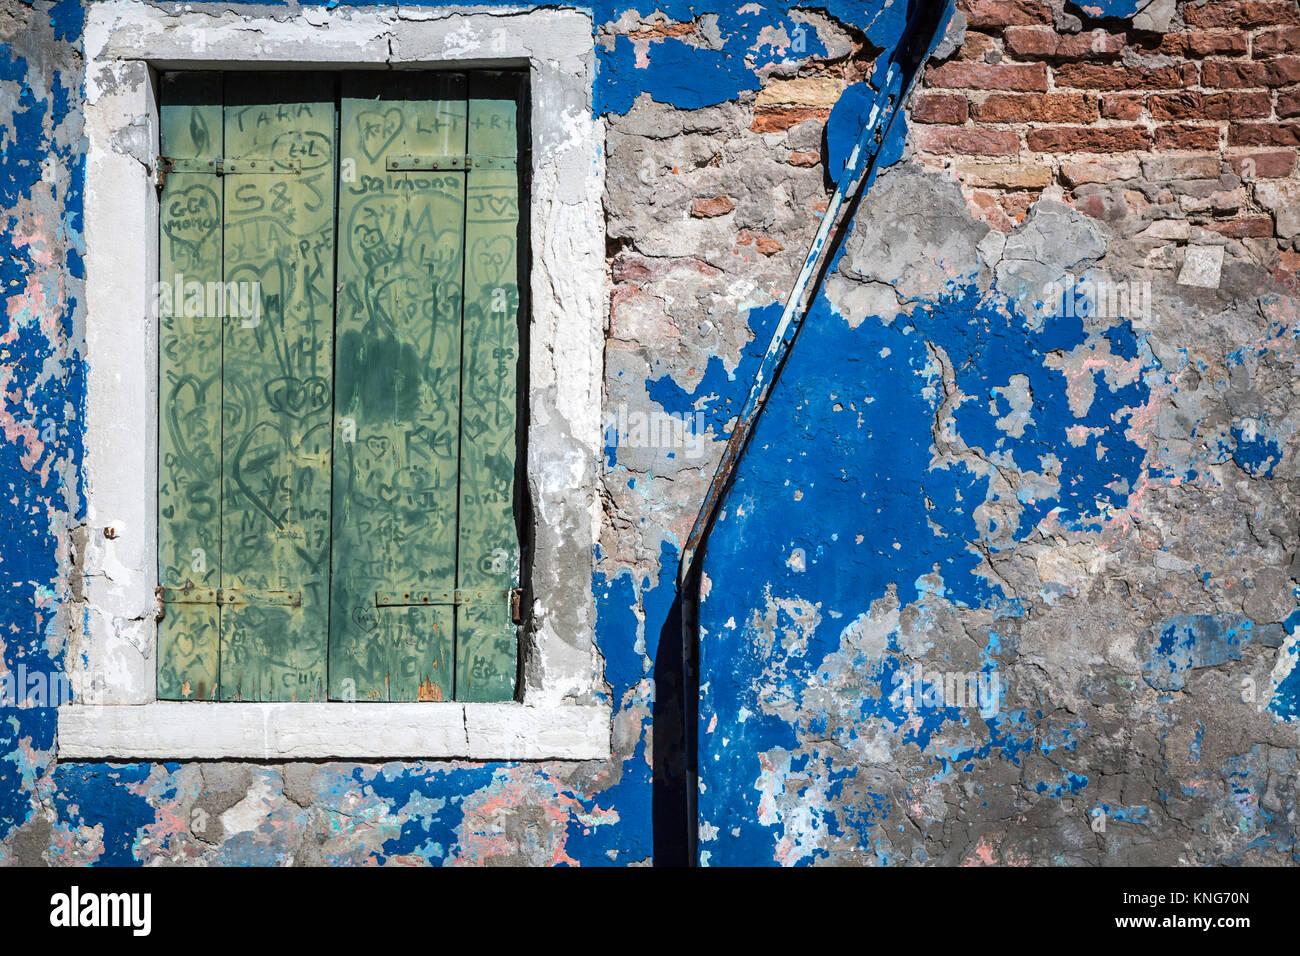 Un viejo edificio con pintura desconchada en la aldea veneciana de Burano, Venecia, Italia, Europa. Imagen De Stock